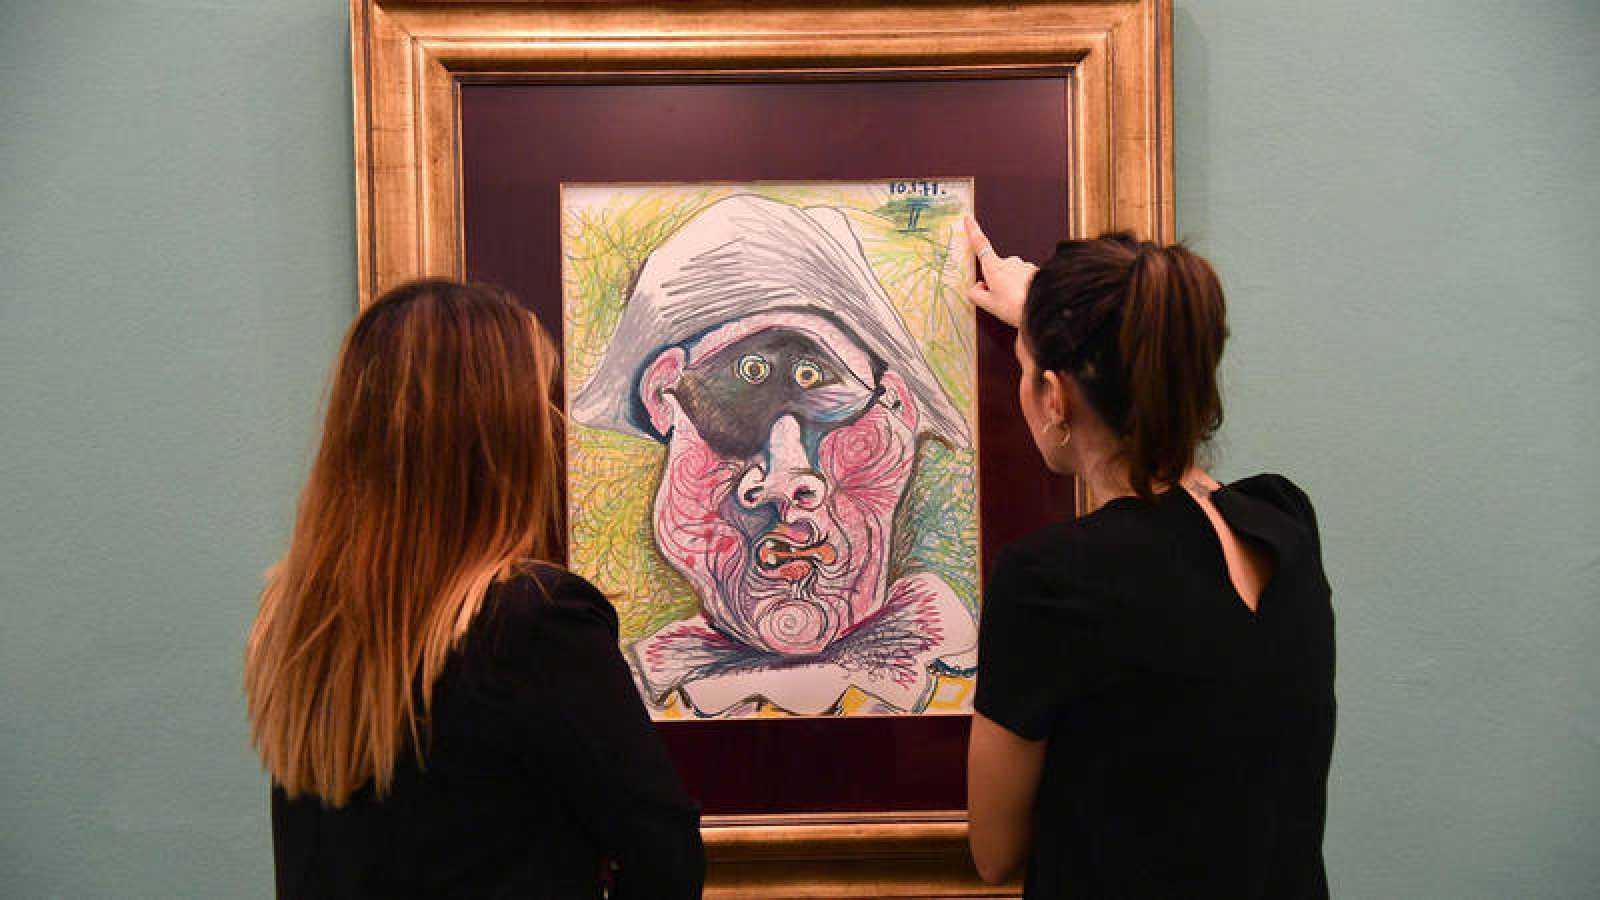 Dos personas contemplan la obra 'Cabeza de Arlequín' de Pablo Picasso